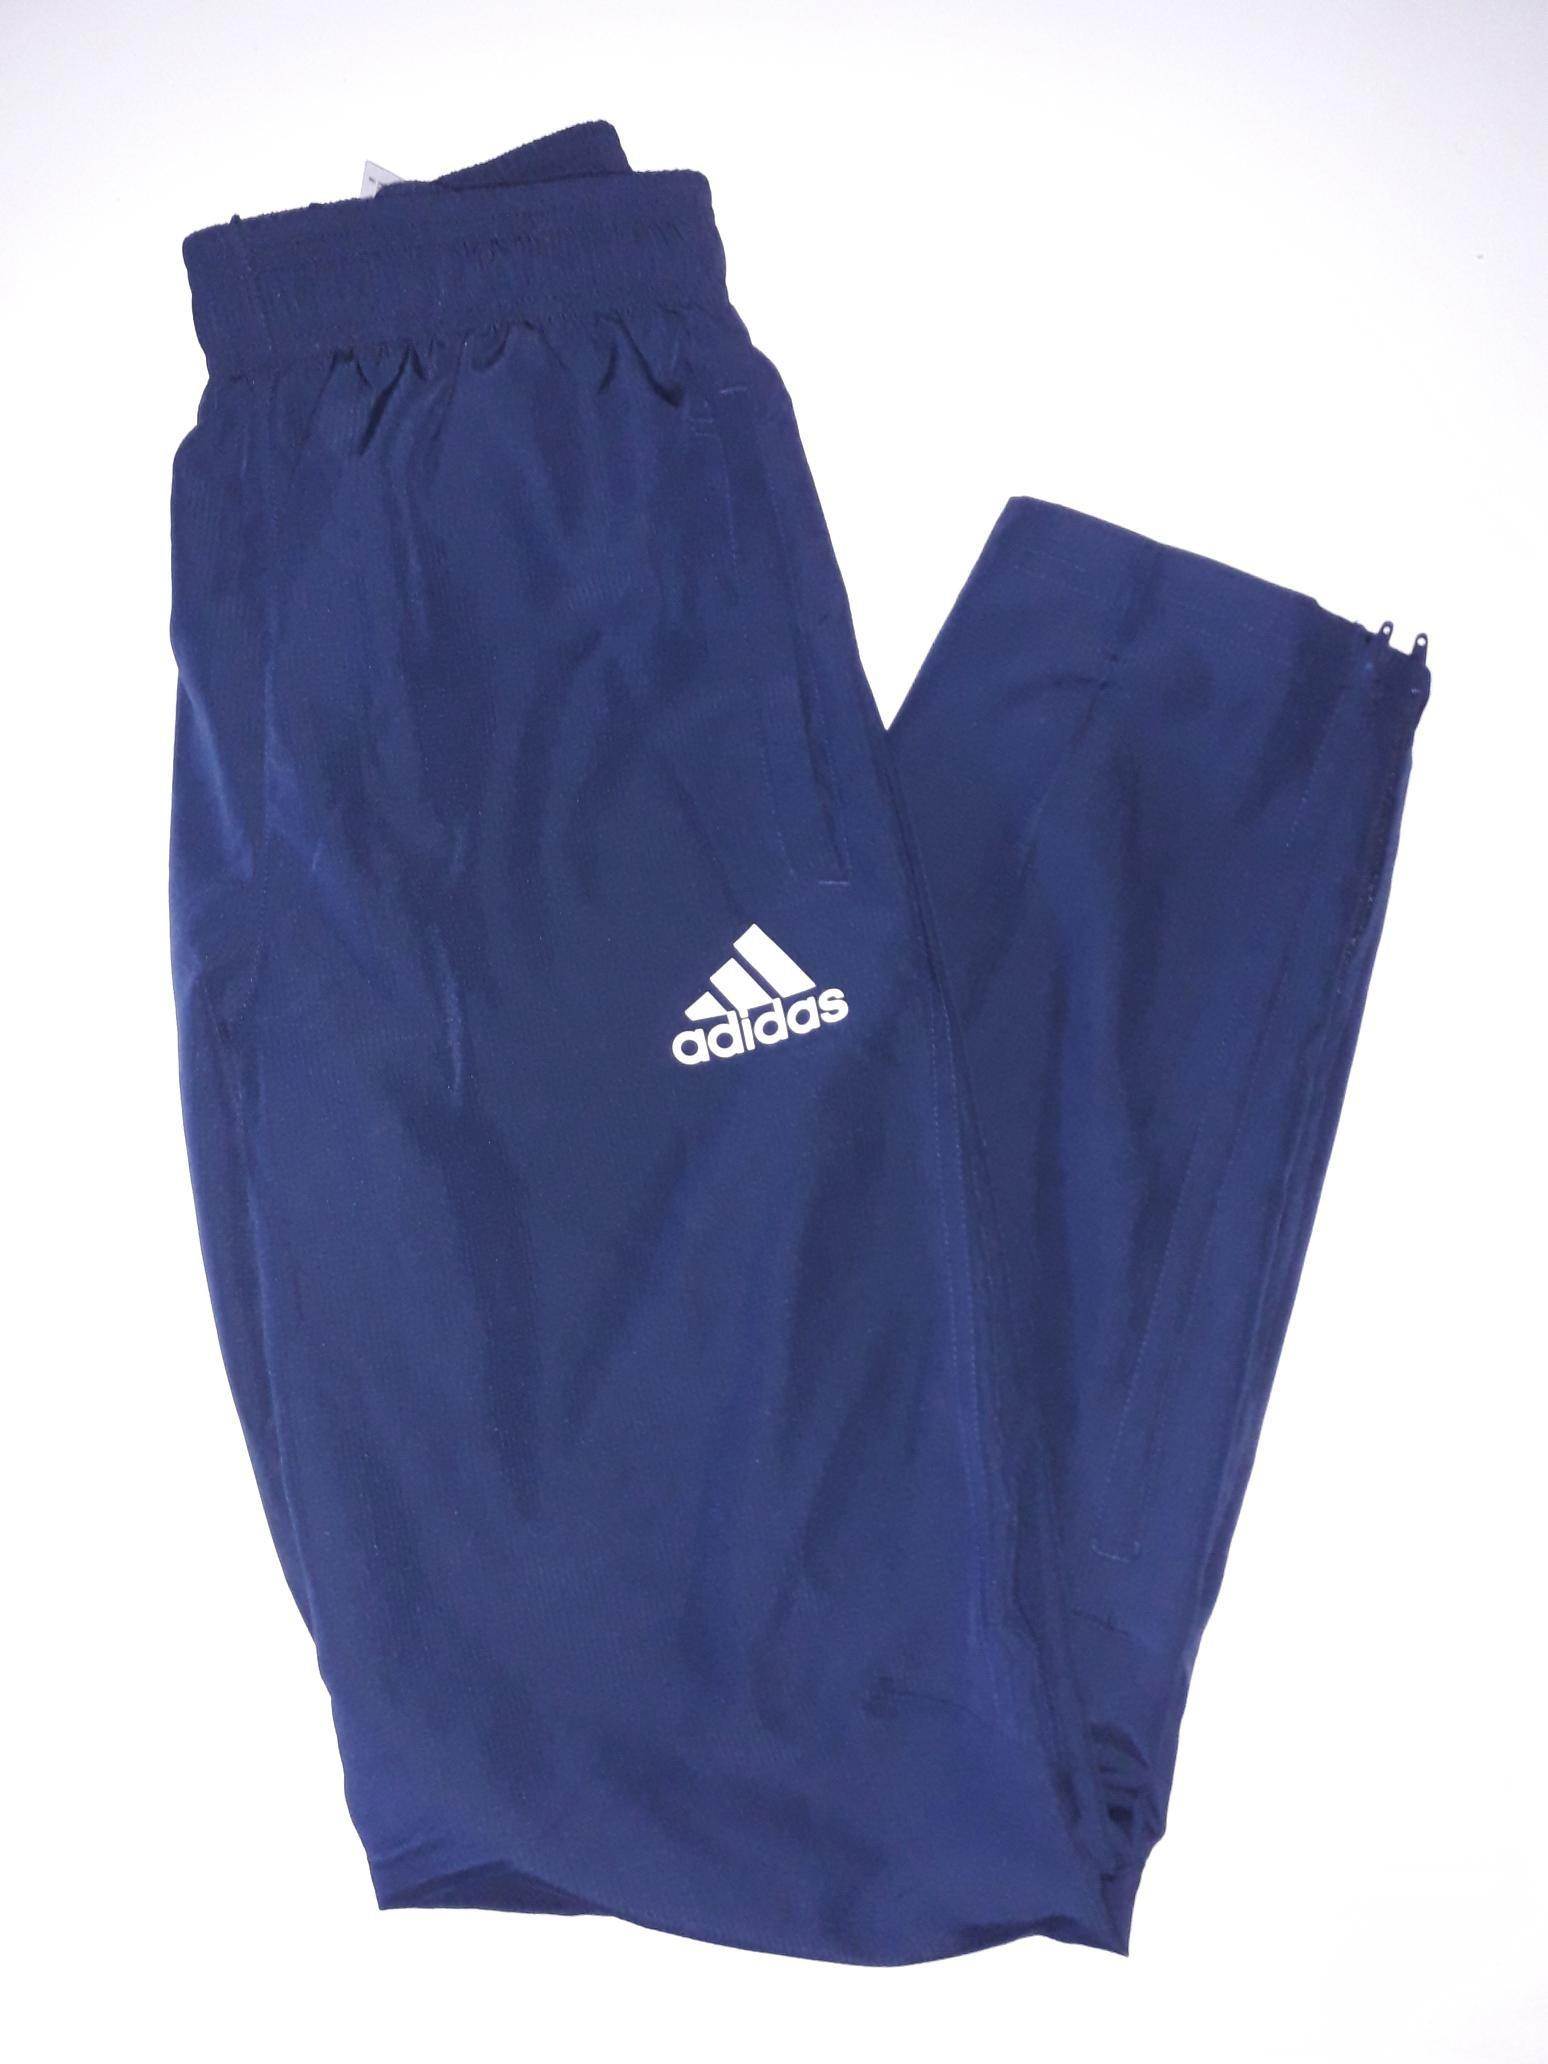 Adidas bukse ungdom   FINN.no